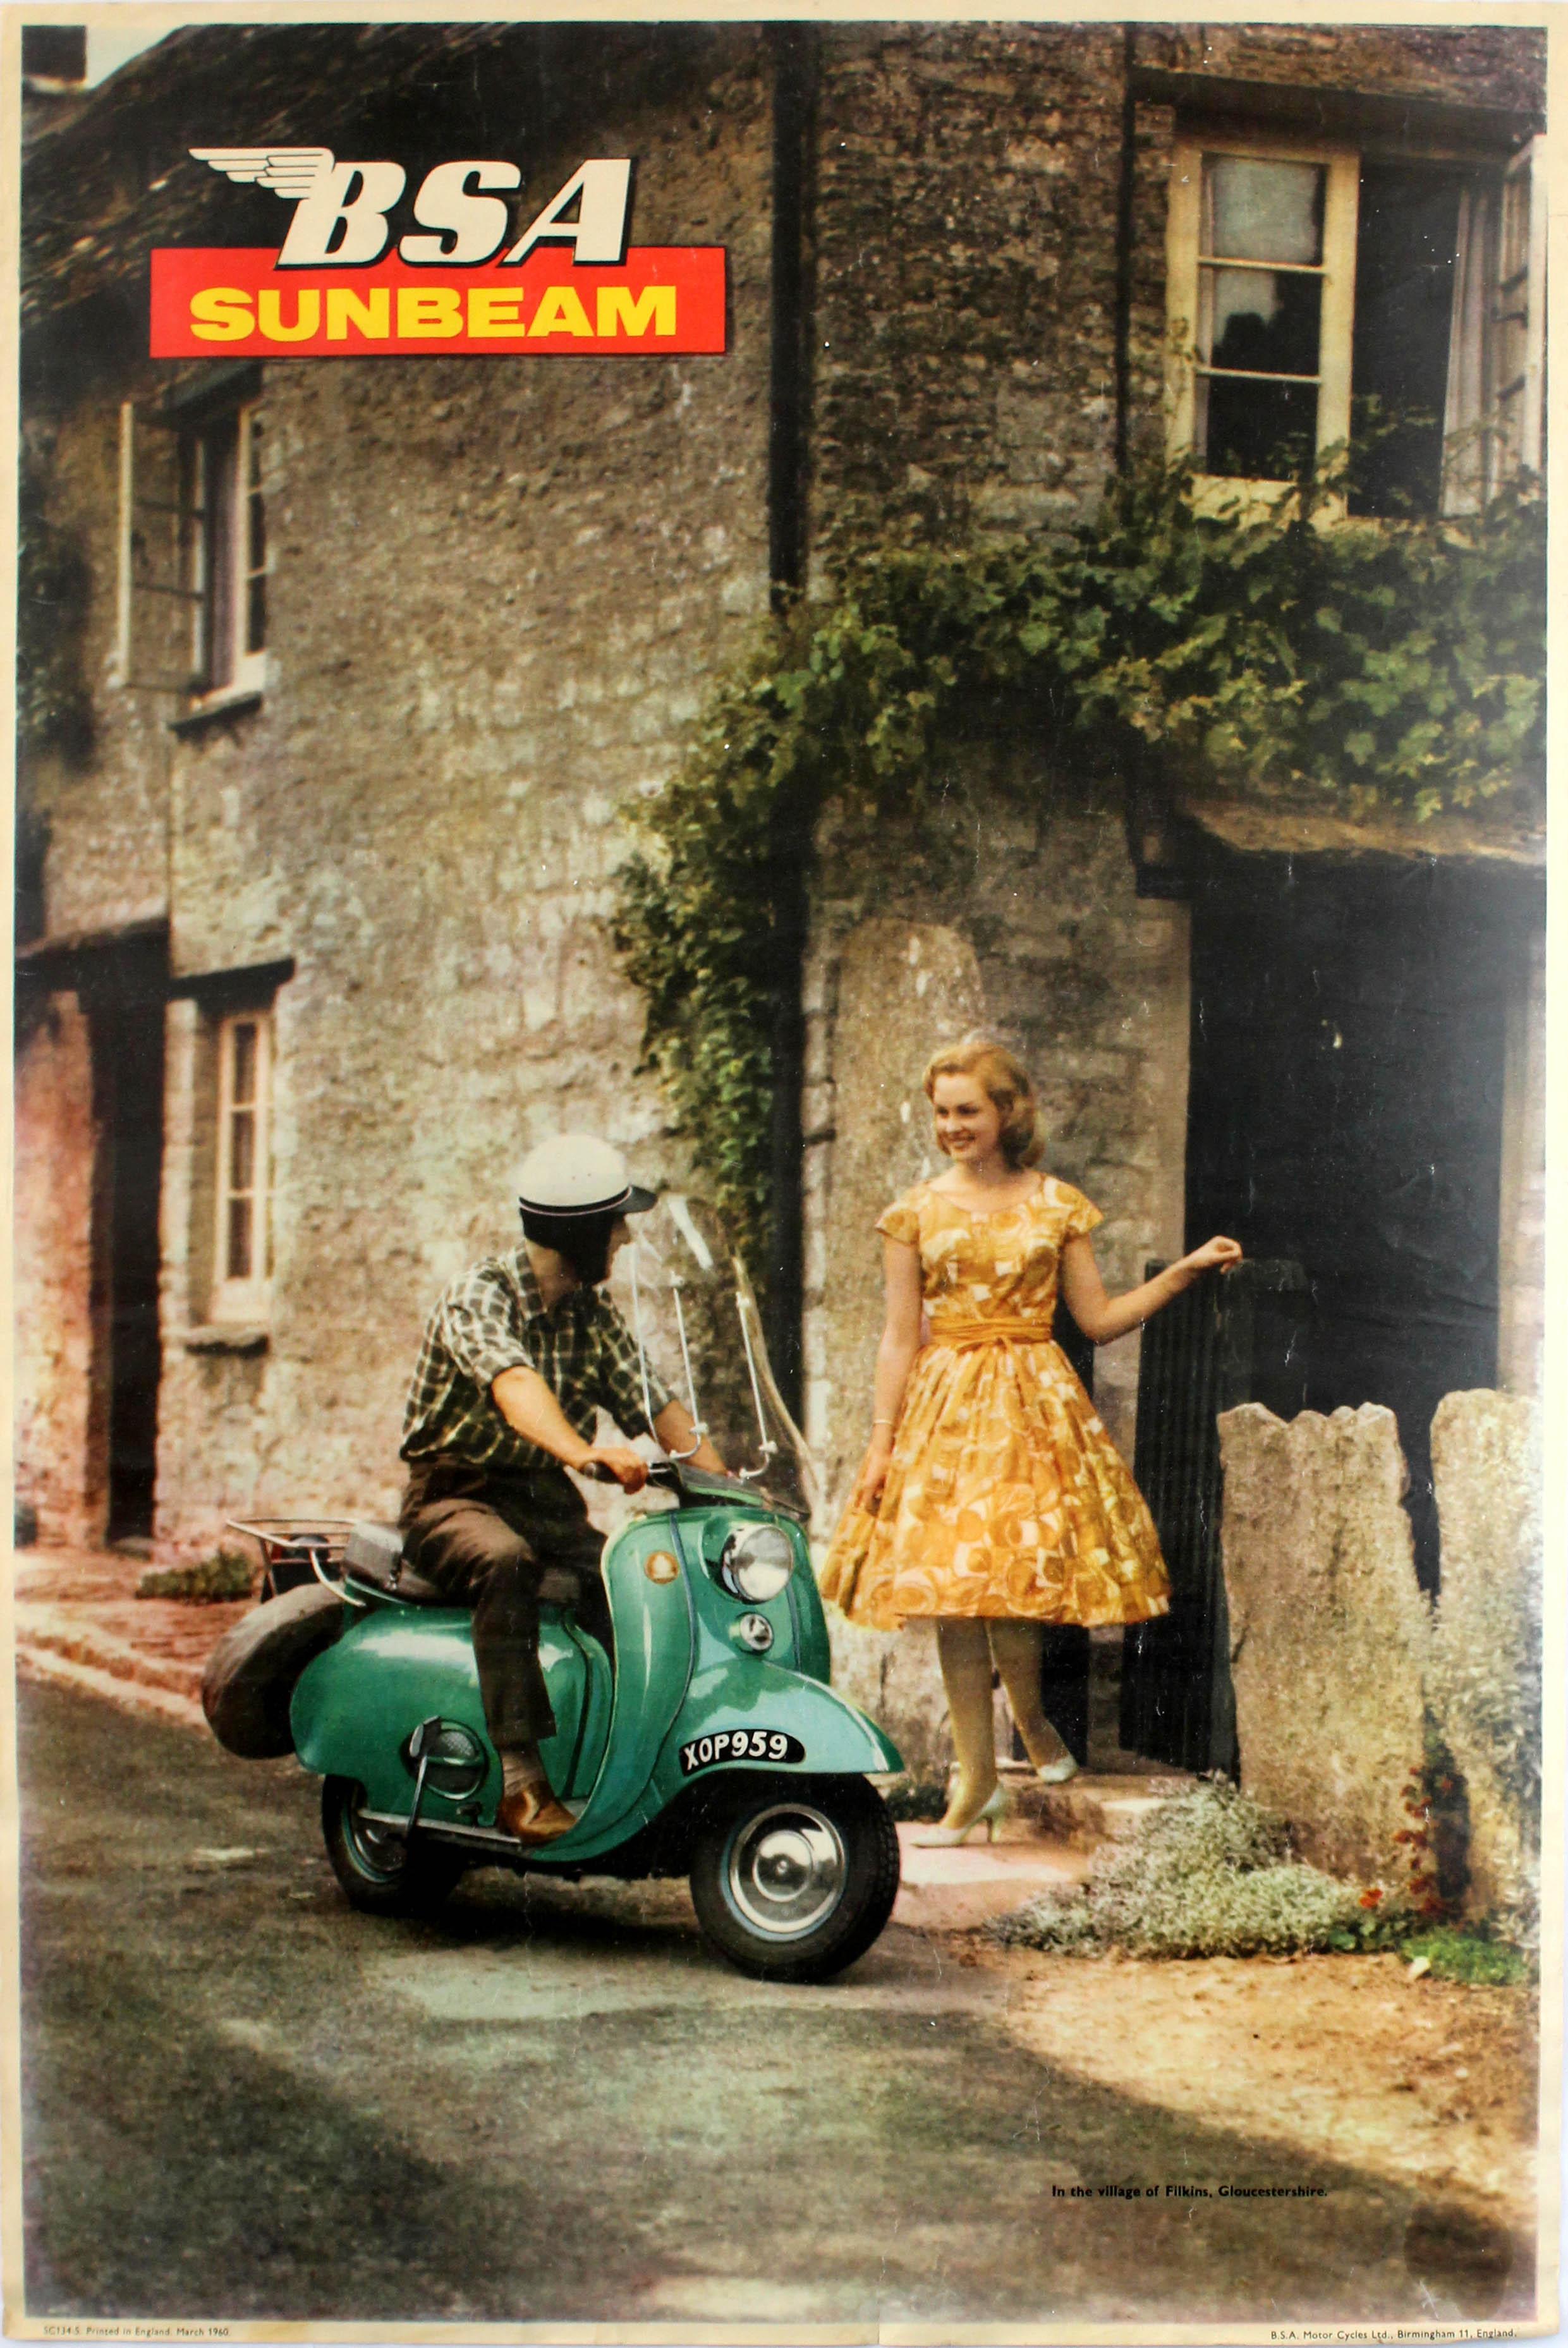 Lot 1514 - Advertising Poster BSA Sunbeam Scooter